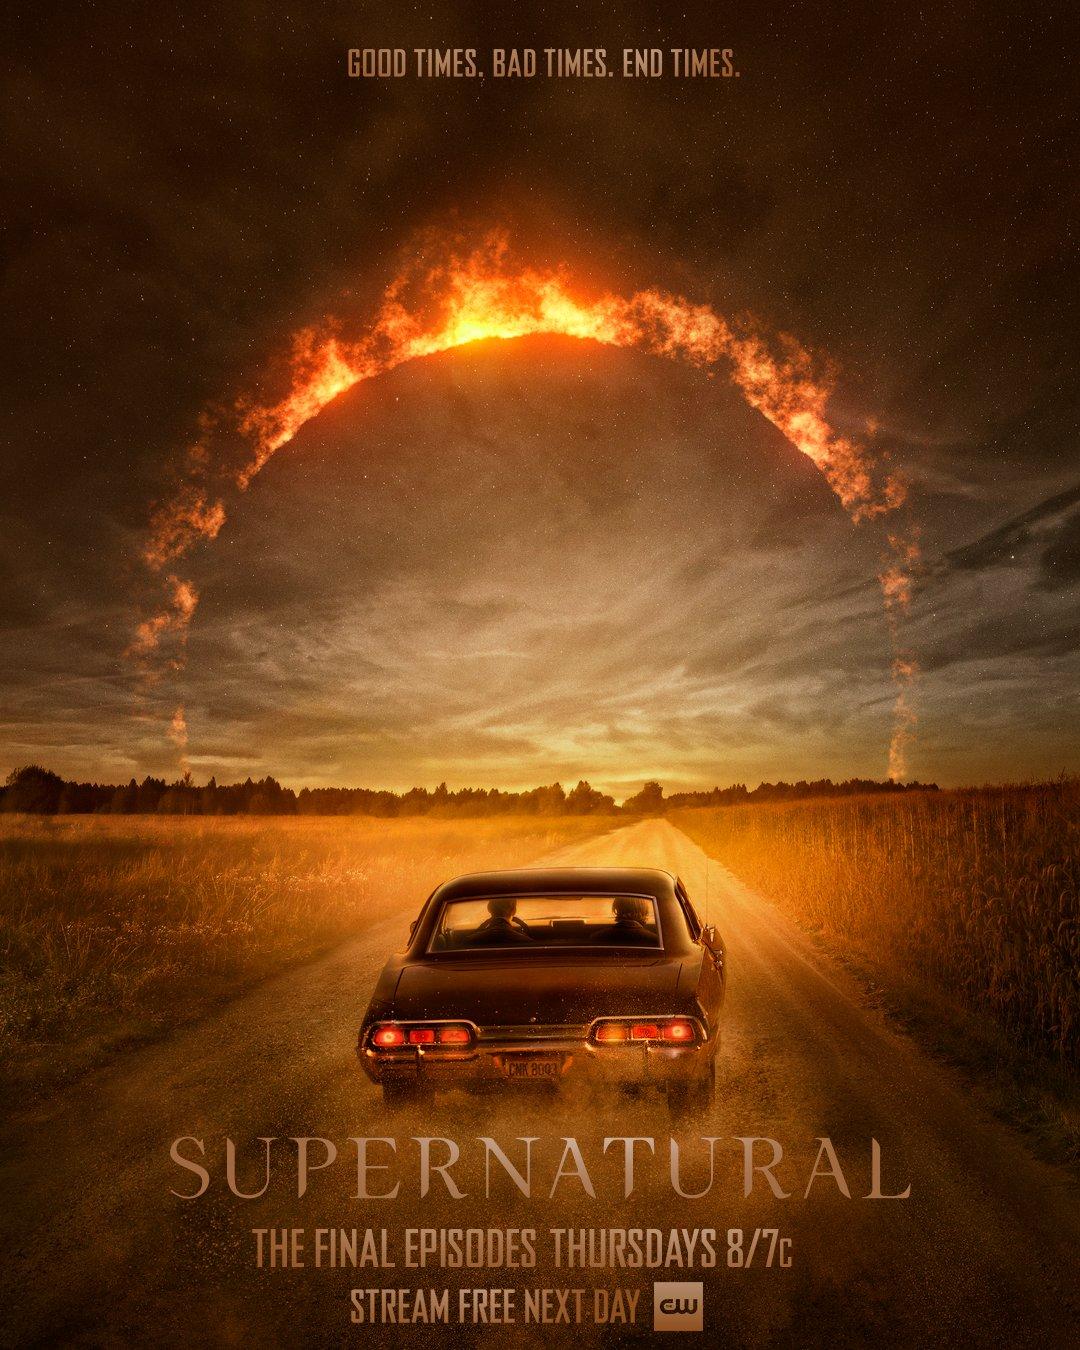 Постер для 15 сезона сериала Сверхъестественное